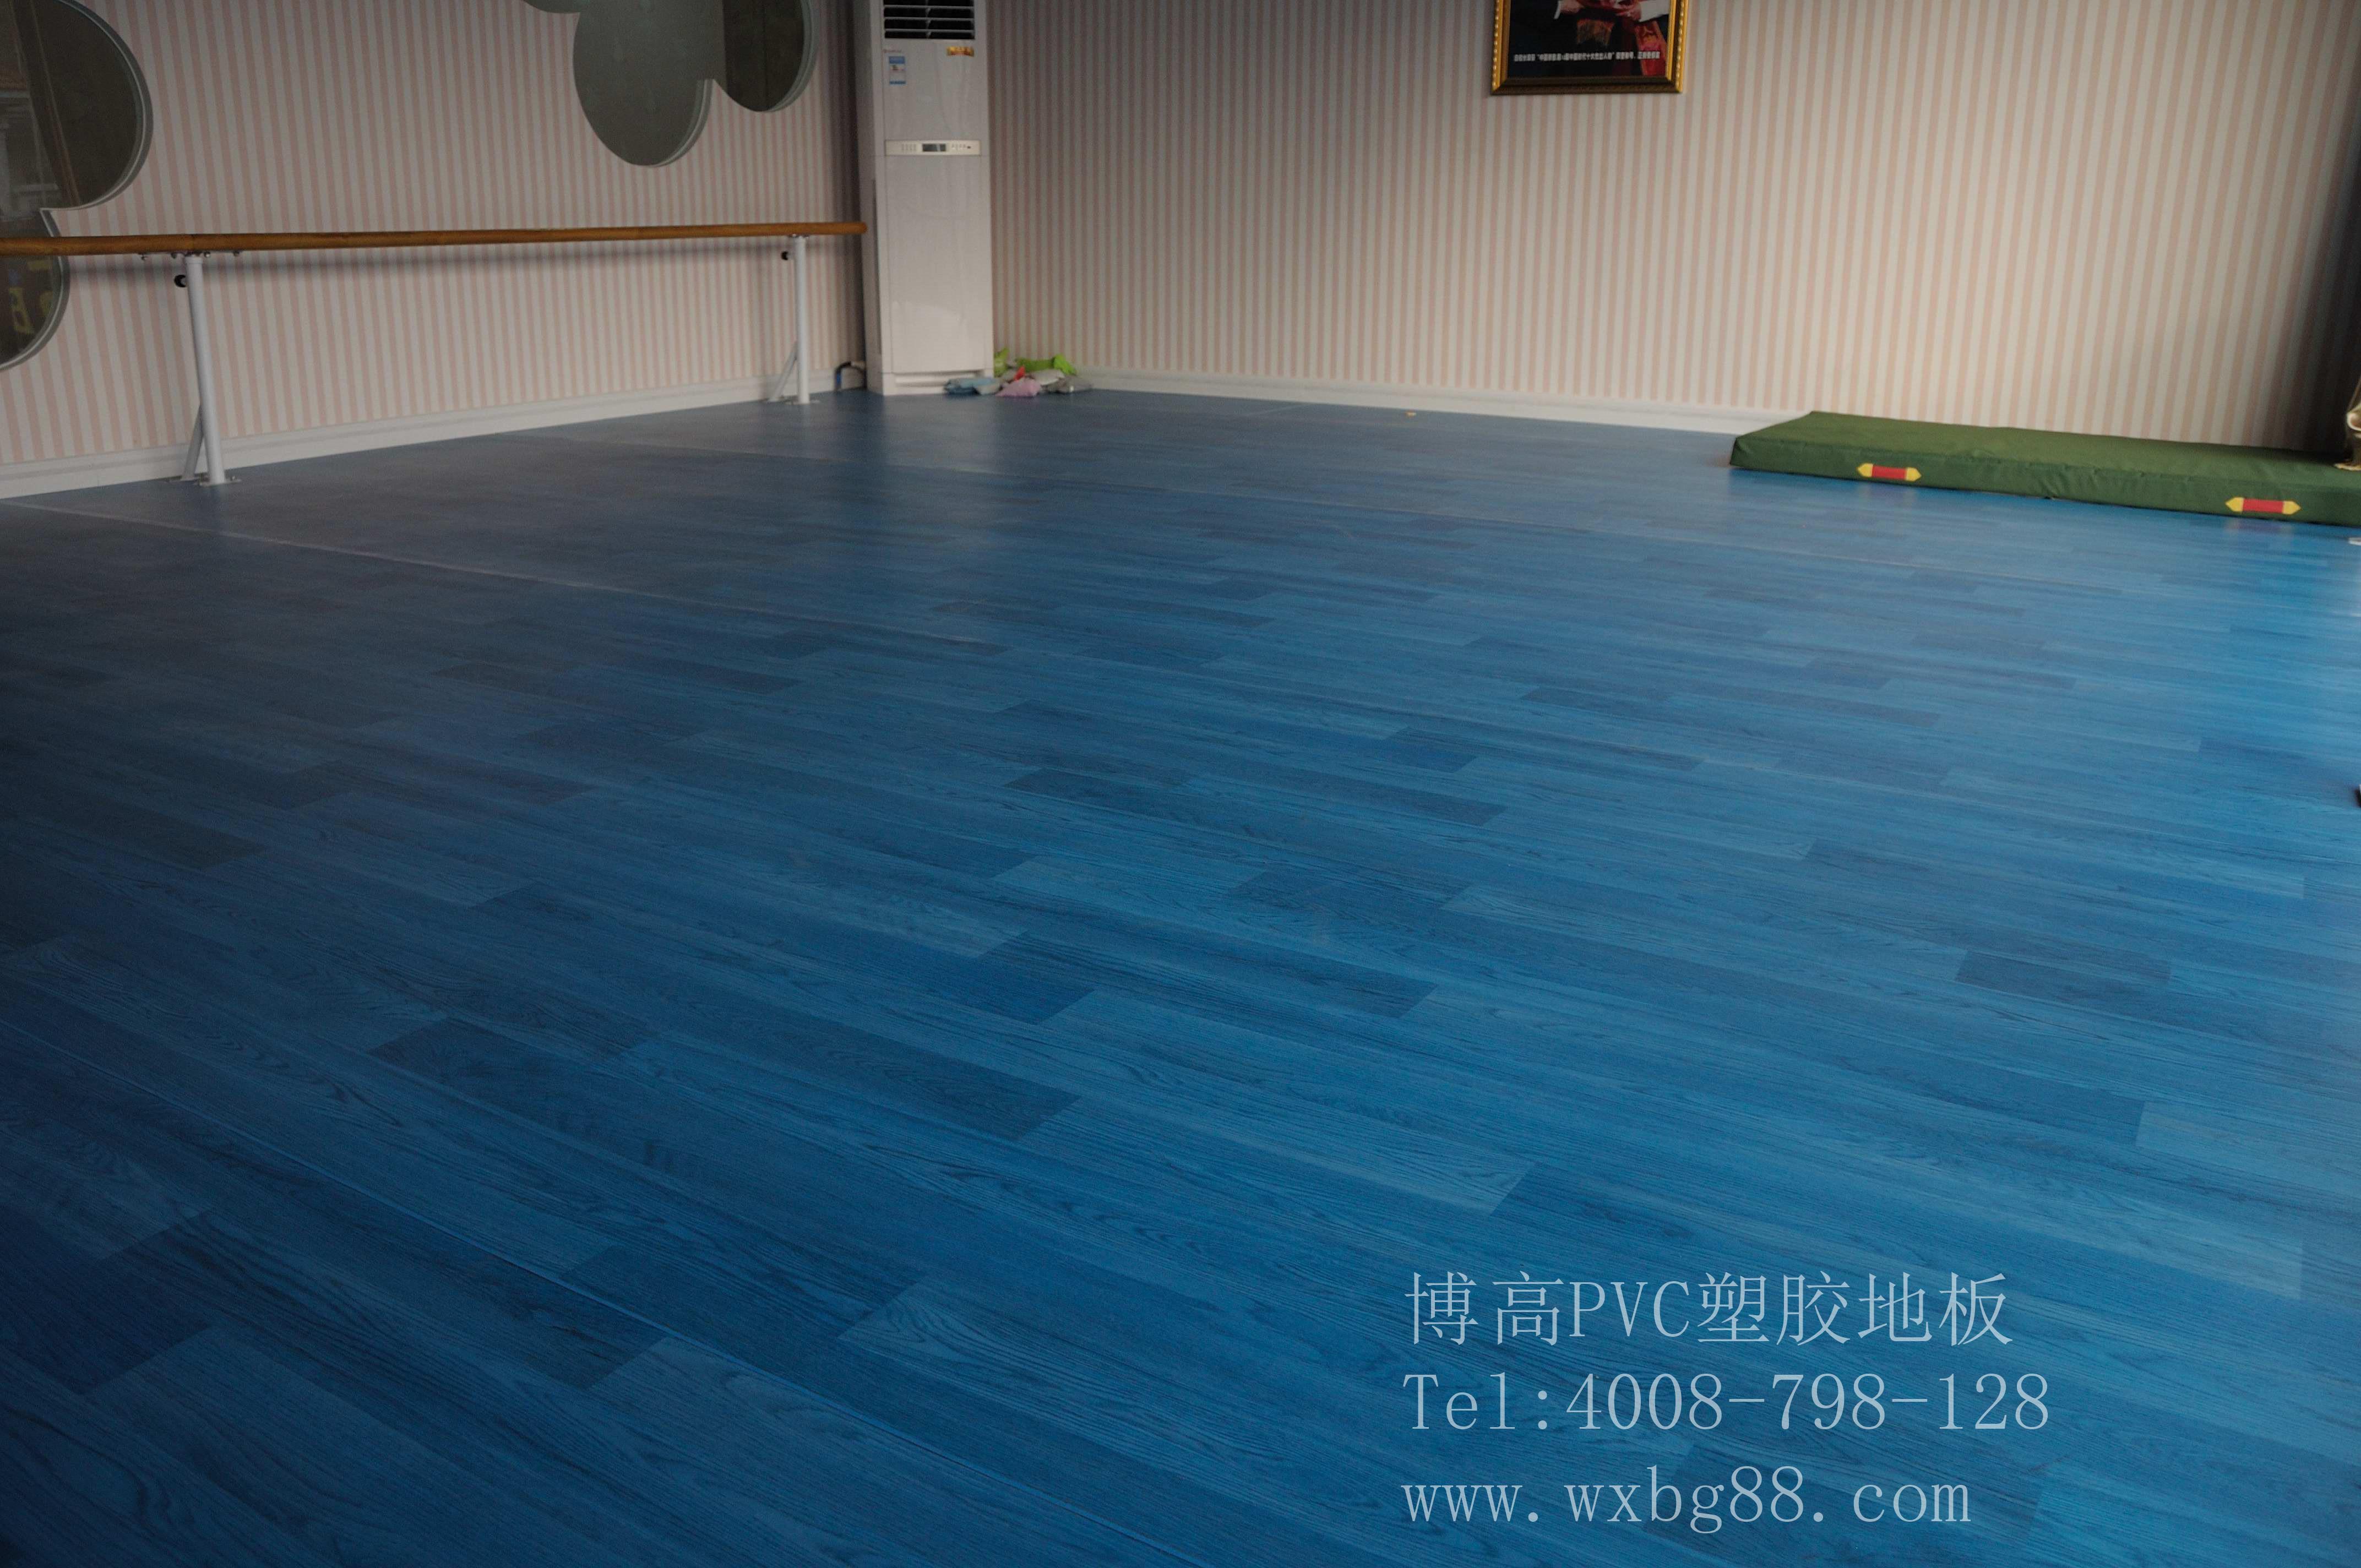 【广东】冰与火舞蹈学校舞蹈房地胶